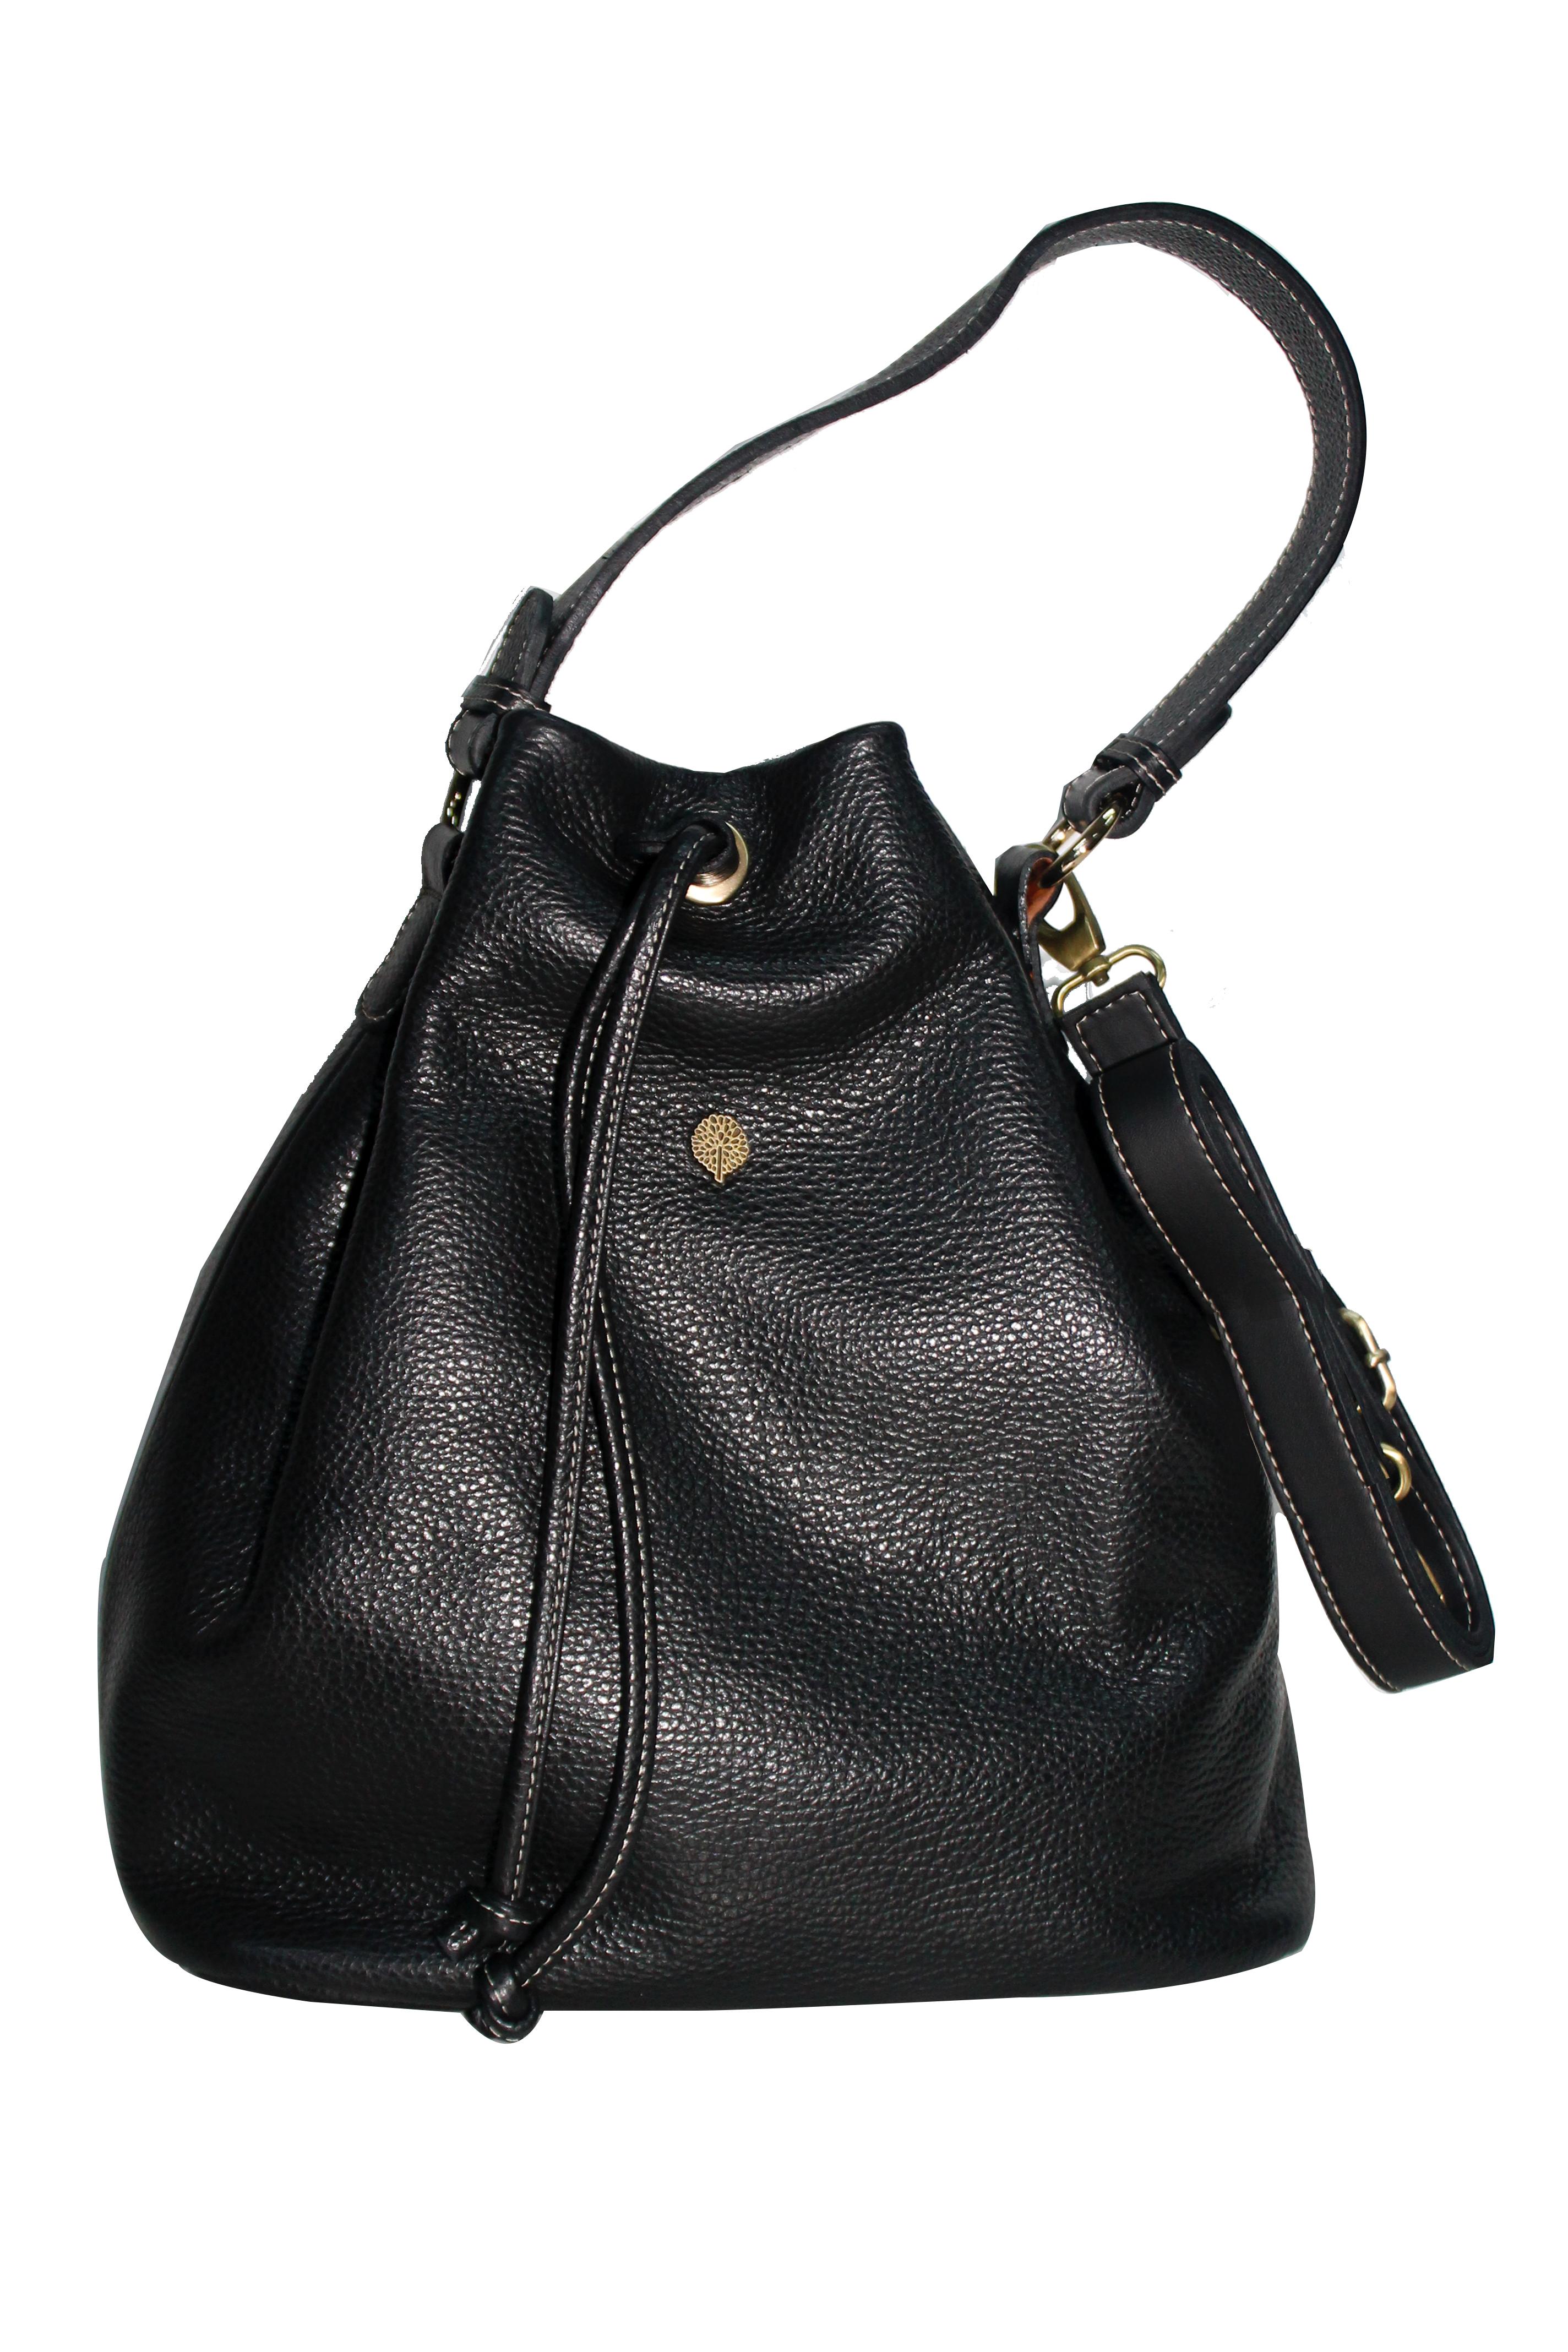 Τσάντα ώμου δερμάτινη Thiros D10-8259-GLBlack